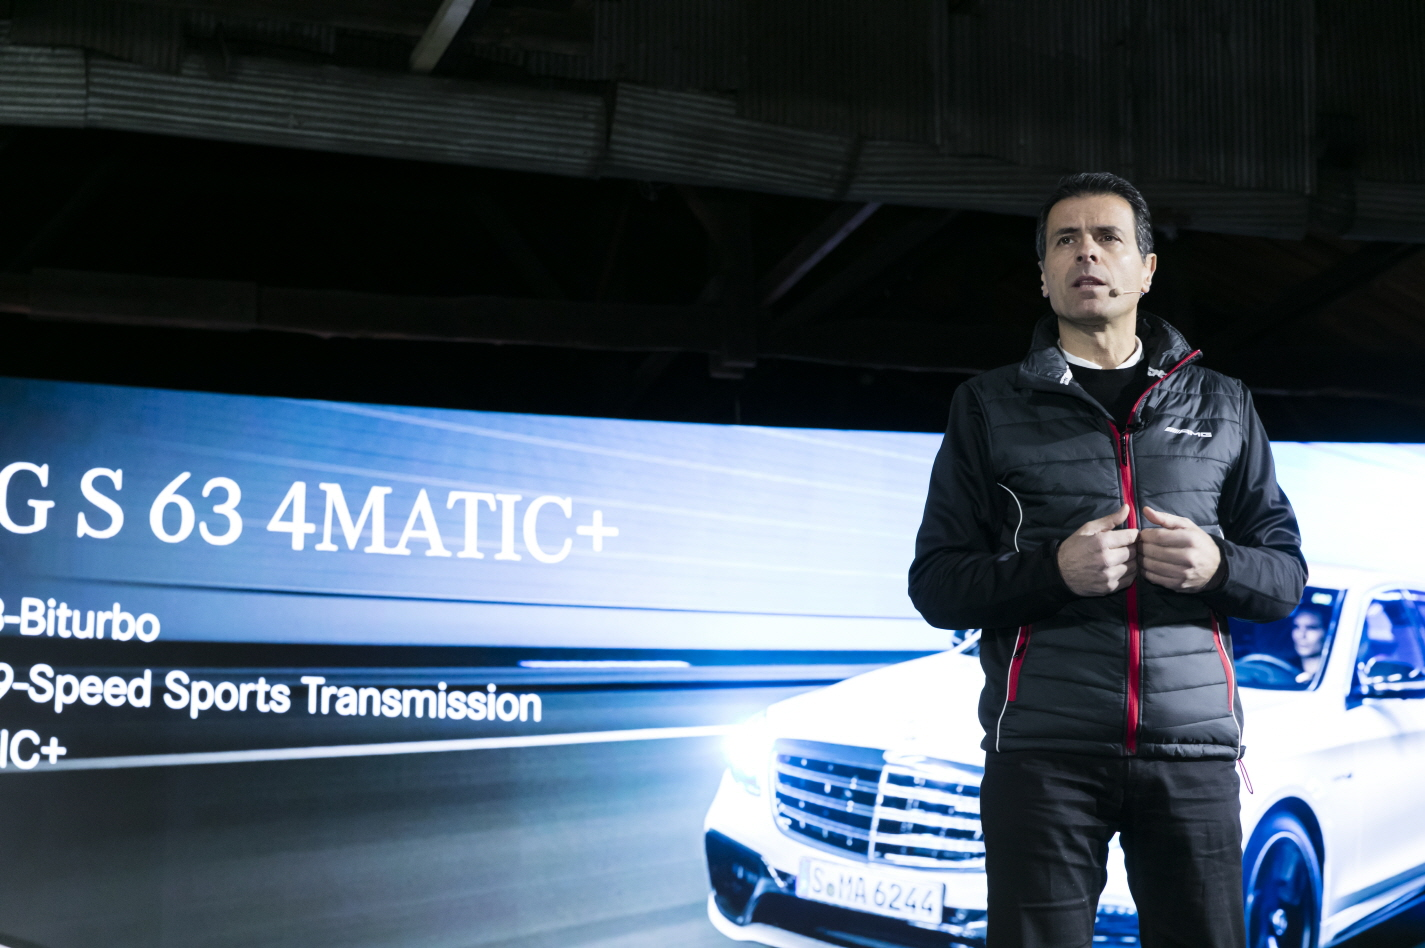 사진3-메르세데스-AMG 50주년 프레스 컨퍼런스, 메르세데스-벤츠 코리아 대표이사 사장 디미트리스 실라키스